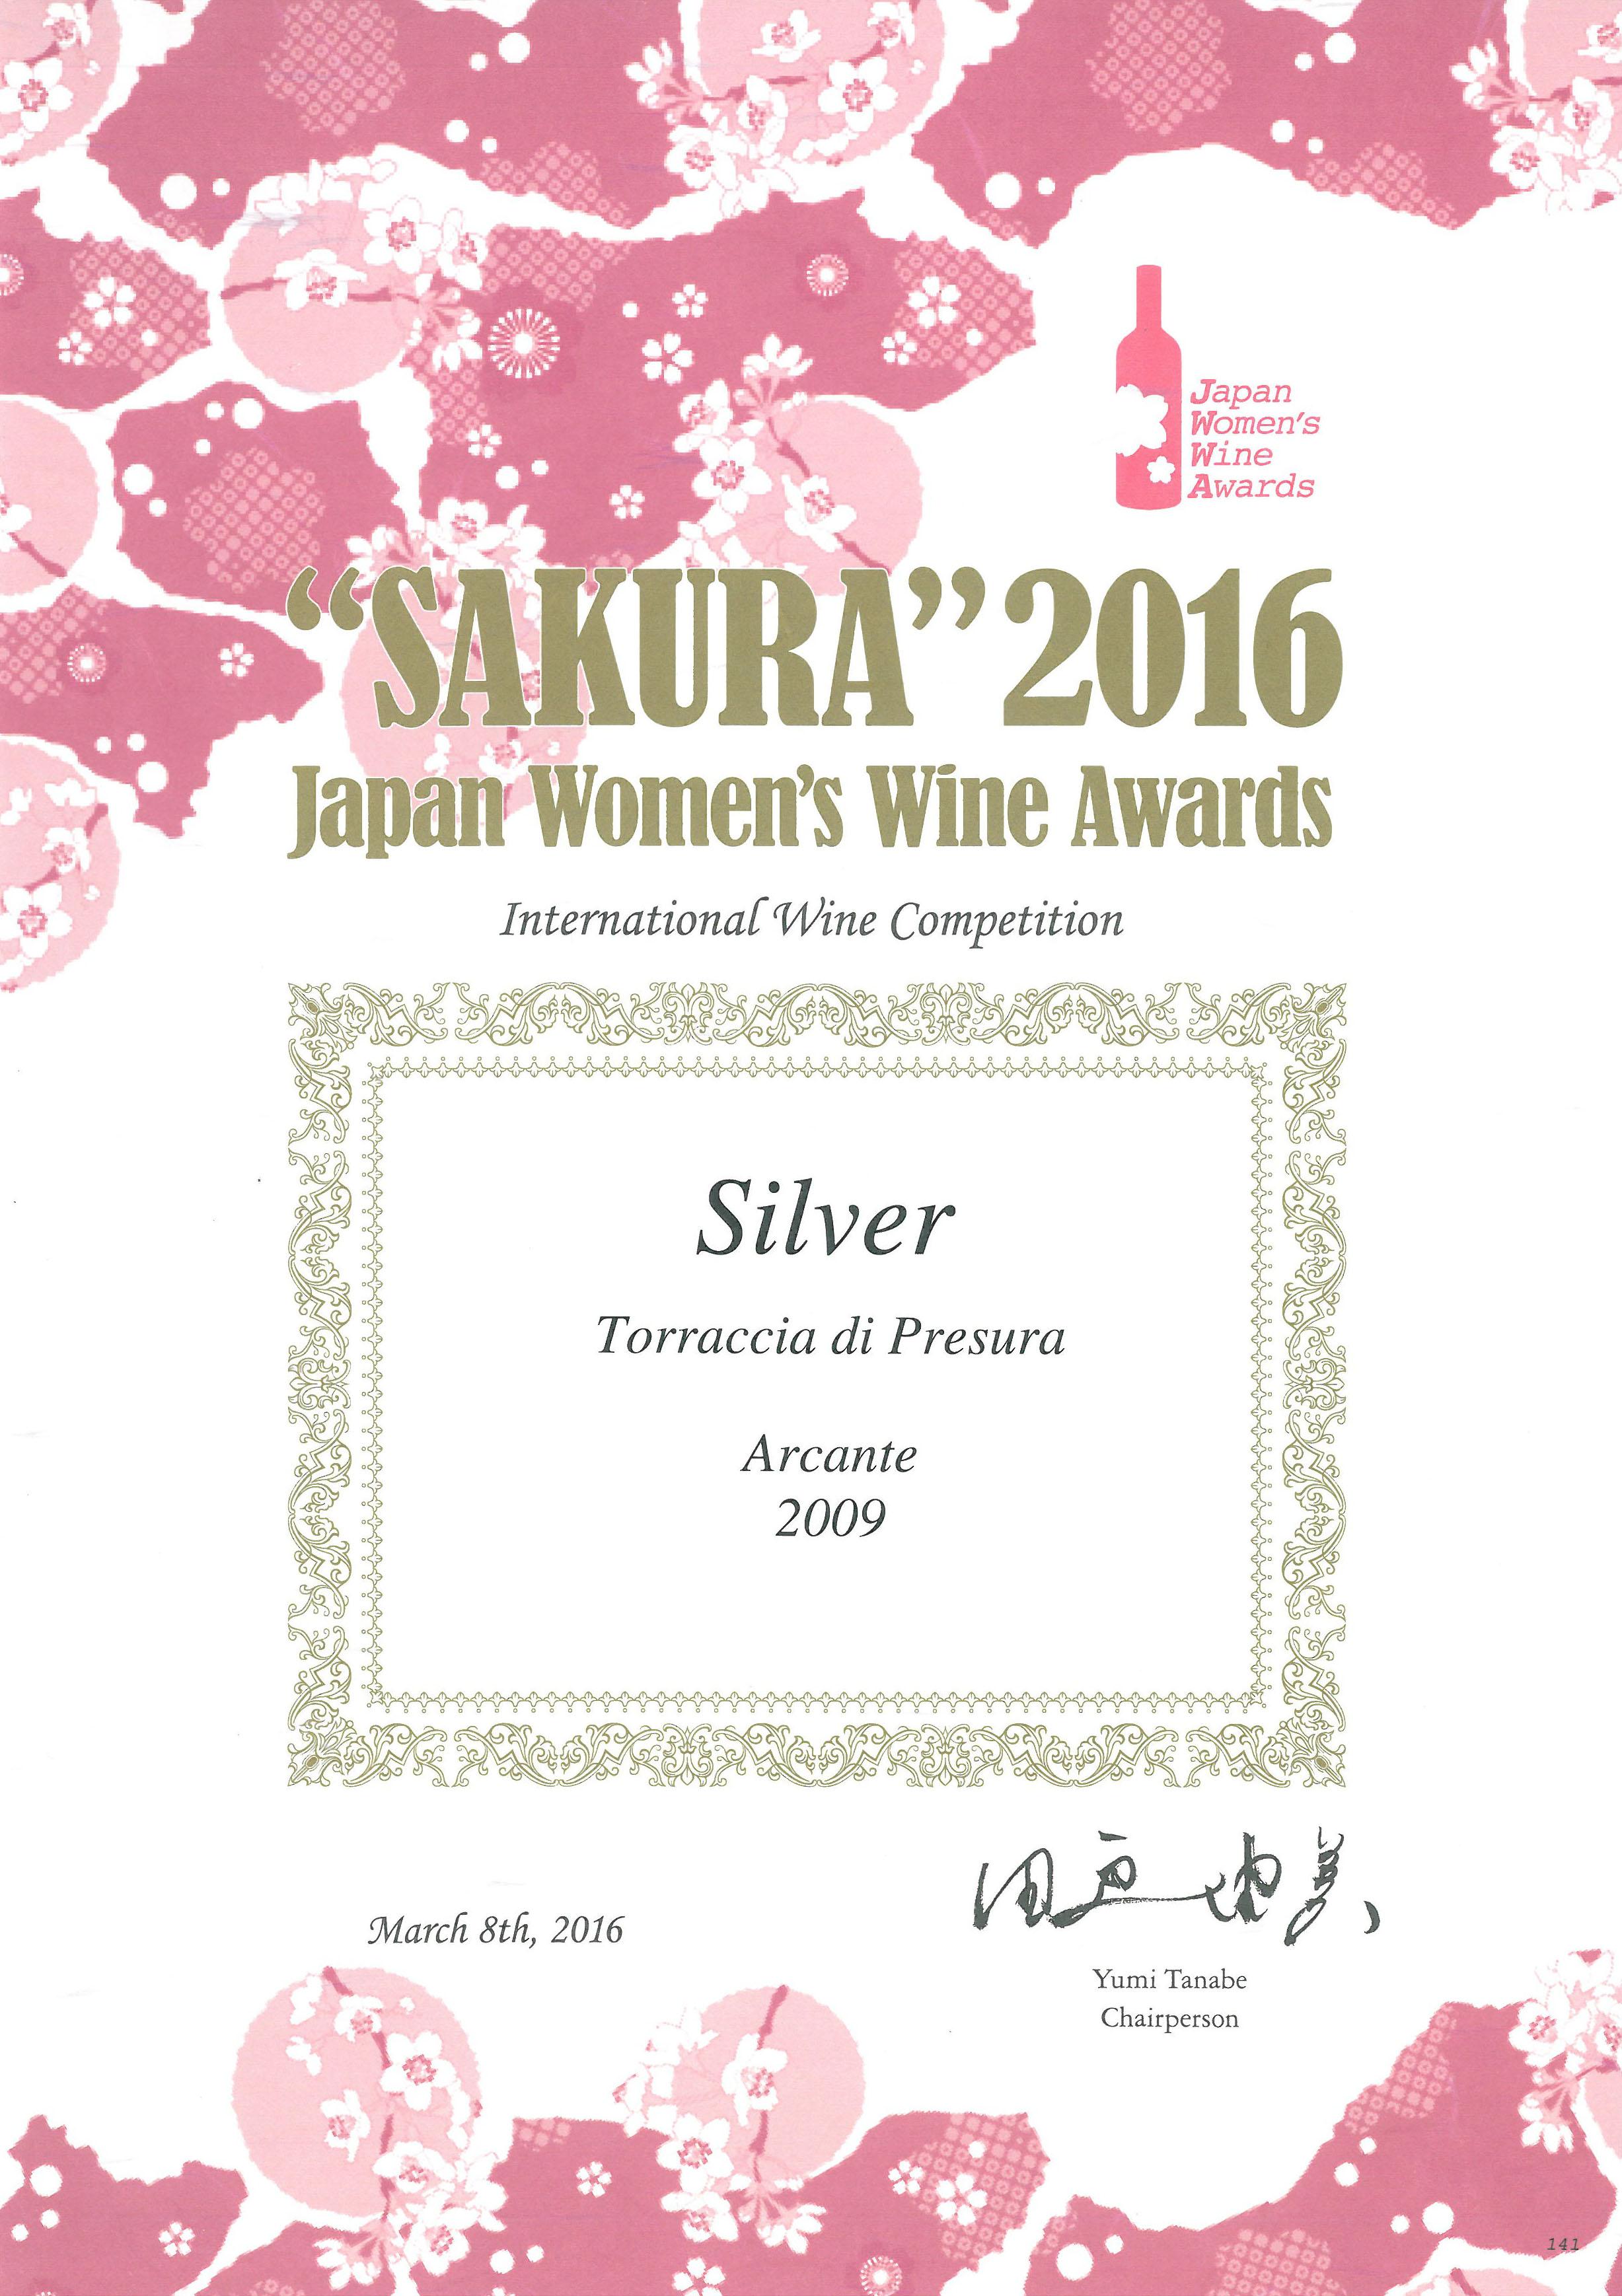 139 ARC 2009 Sakura 2016 2016